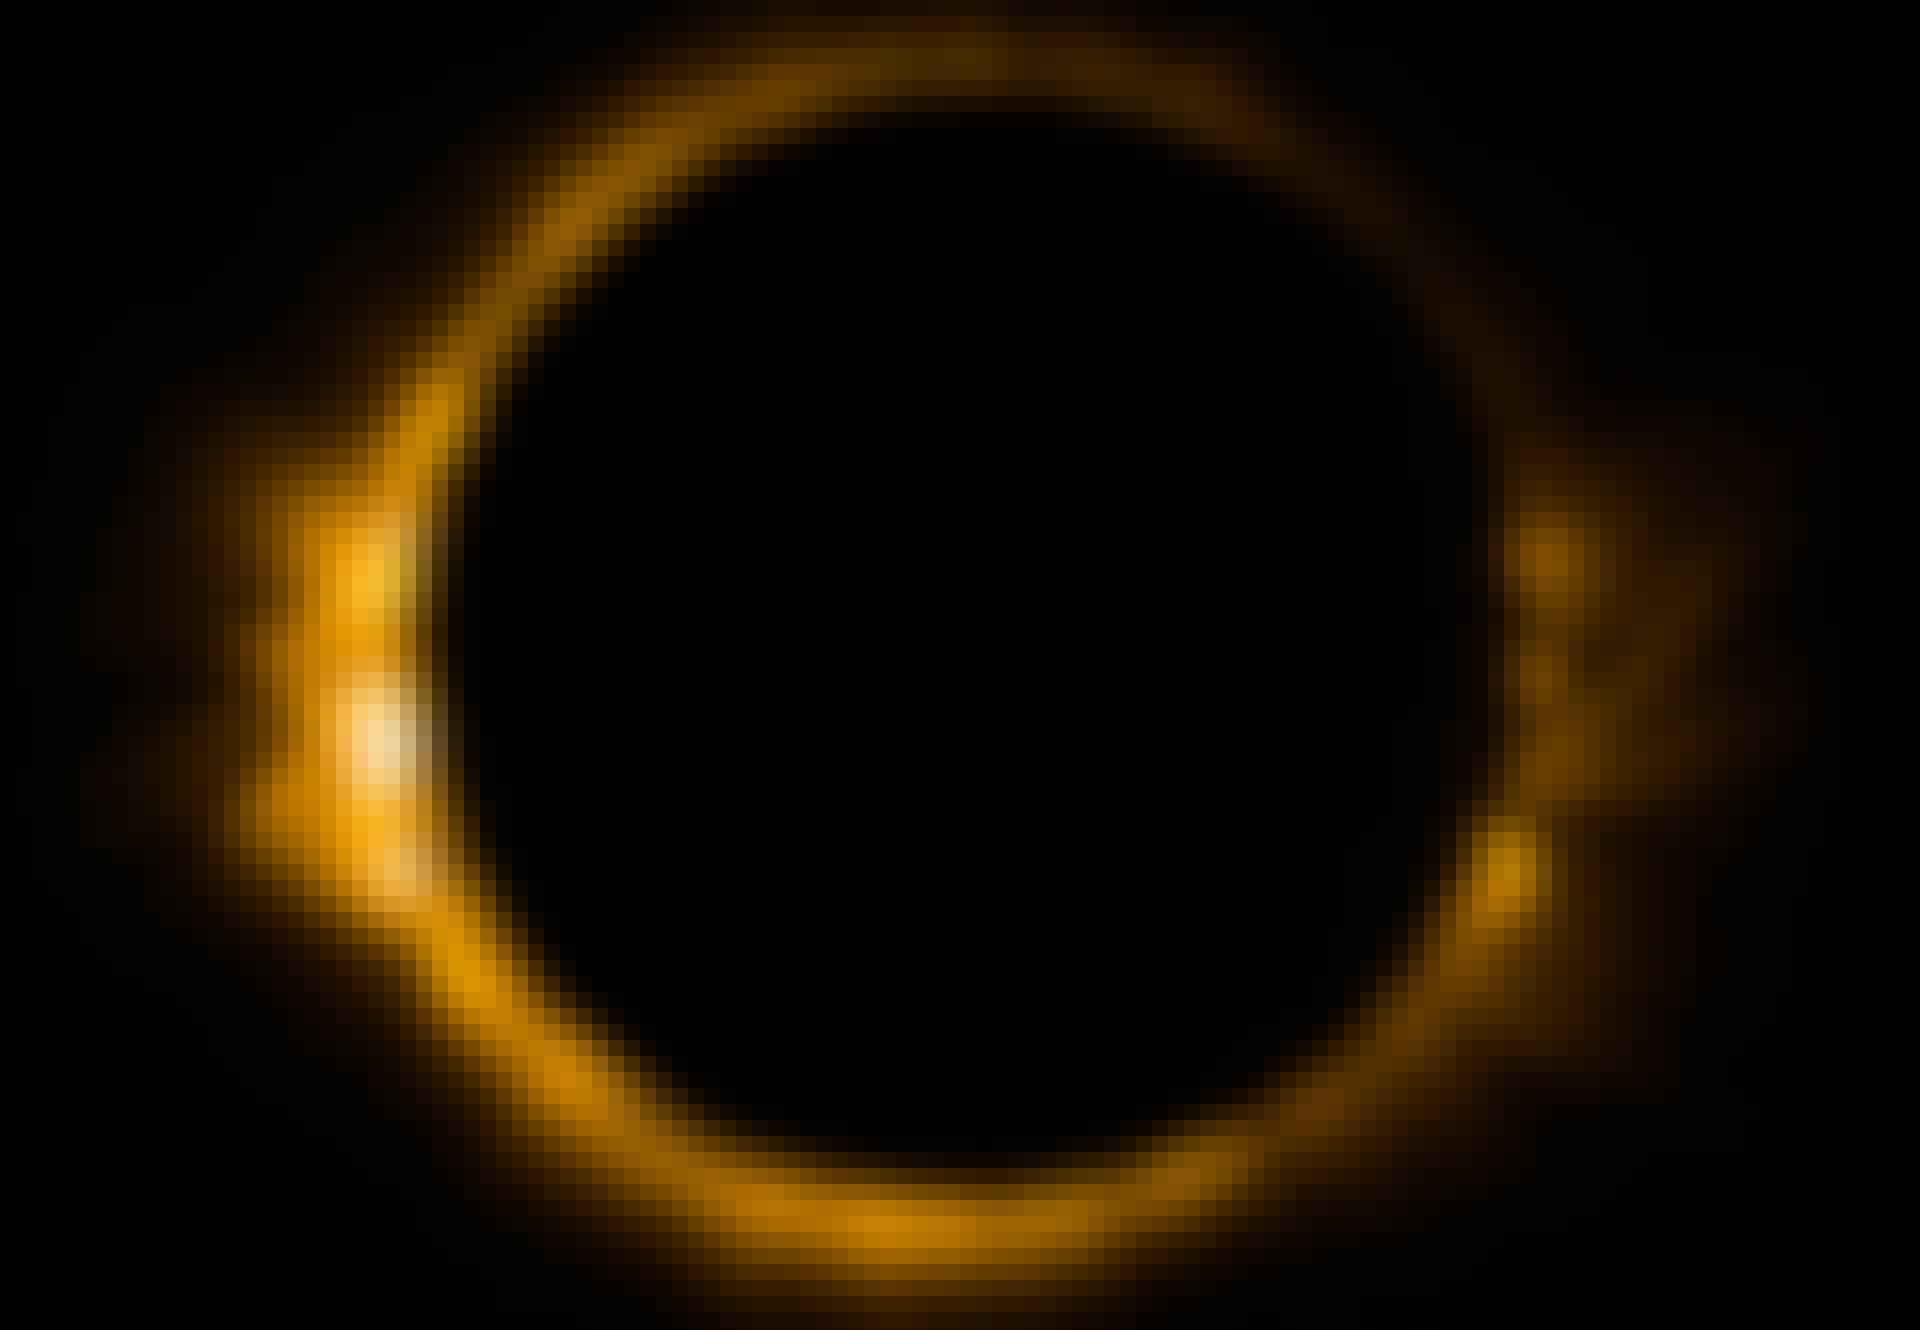 Solformørkelse